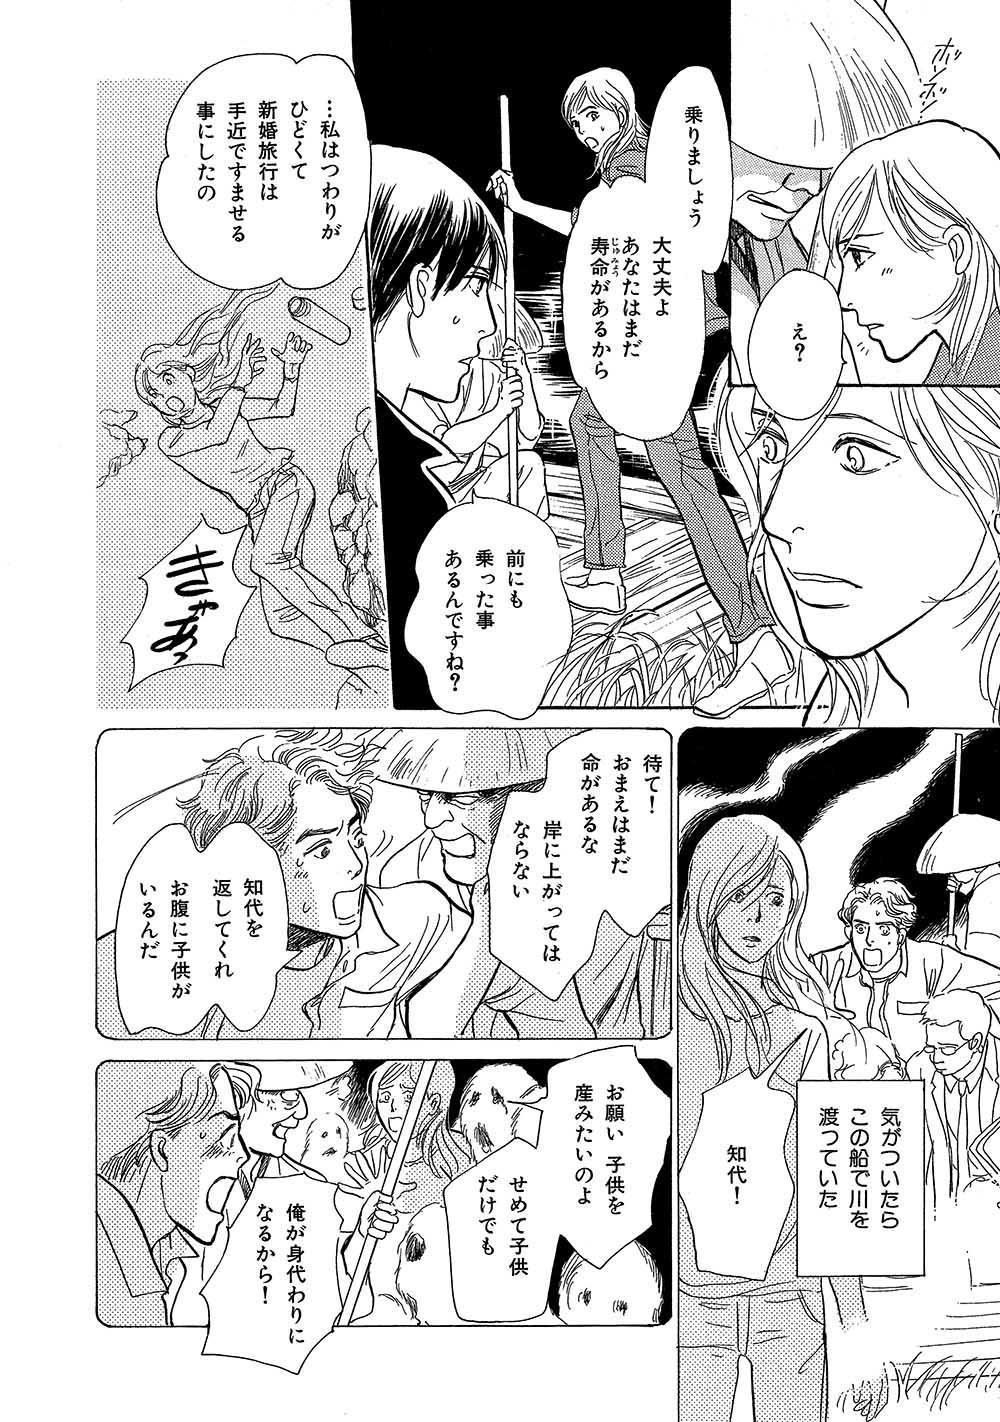 hyakki_0016_0094.jpg